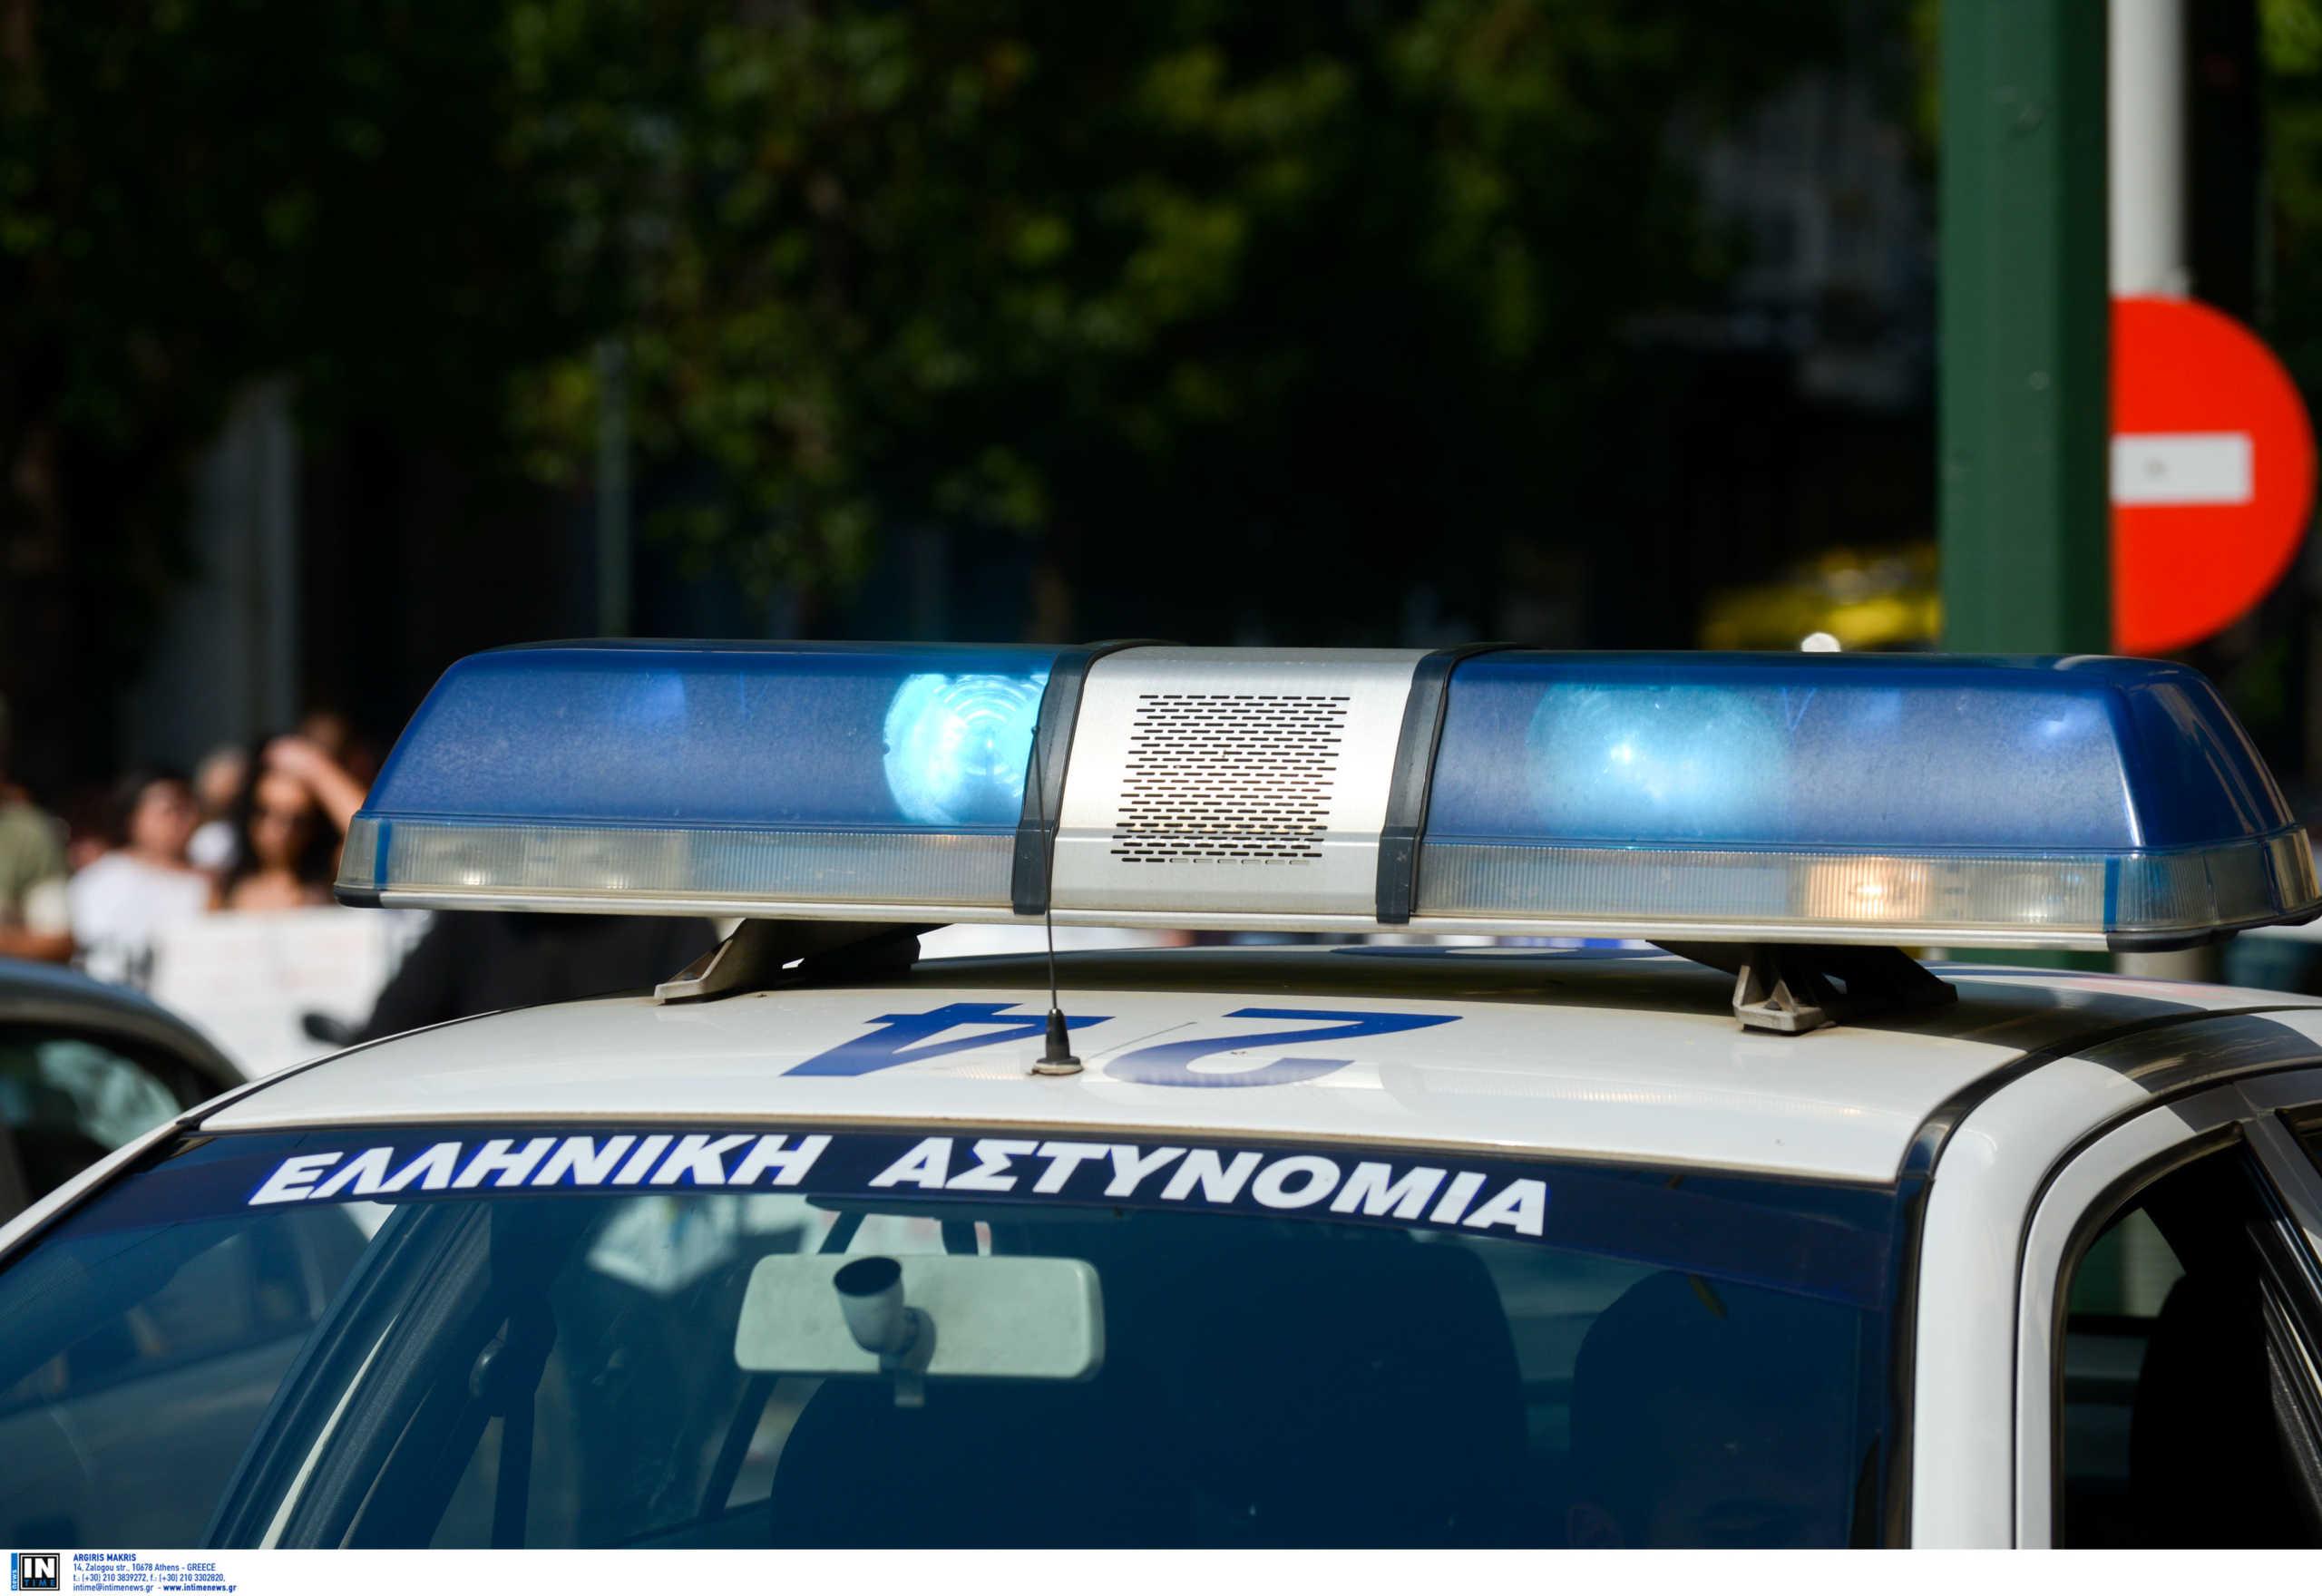 Θεσσαλονίκη: Τον πυροβόλησε ο πρώην πεθερός της αρραβωνιαστικιάς του! Πανικός με ολιγόλεπτη ομηρεία